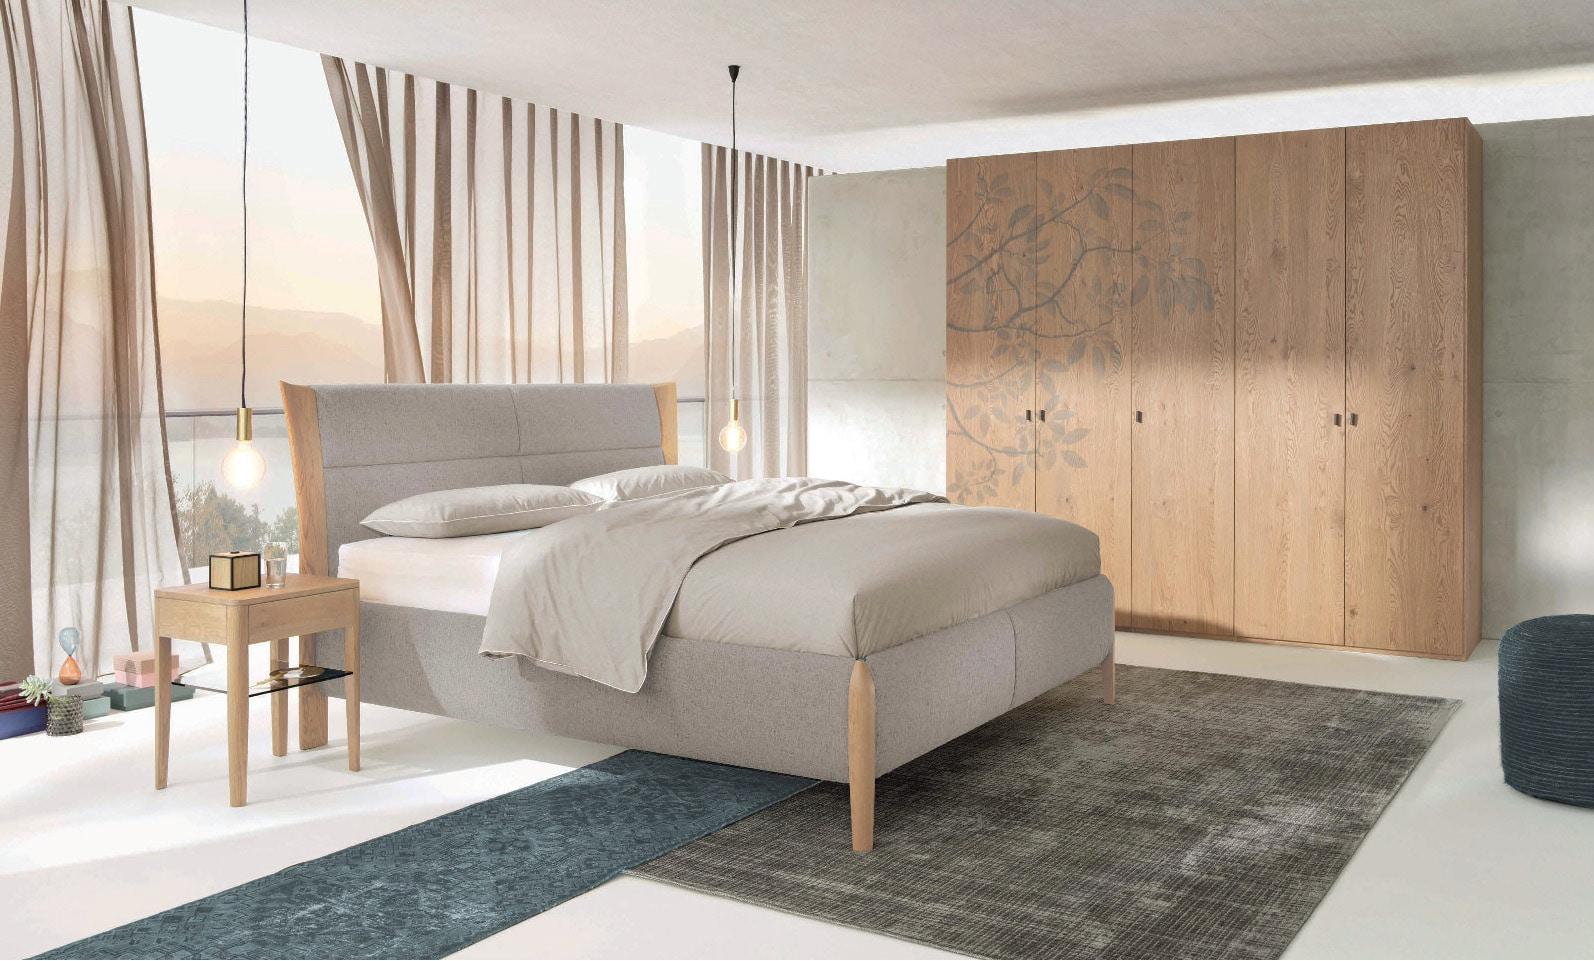 schlafzimmer mevisto kohler naturlich einrichten